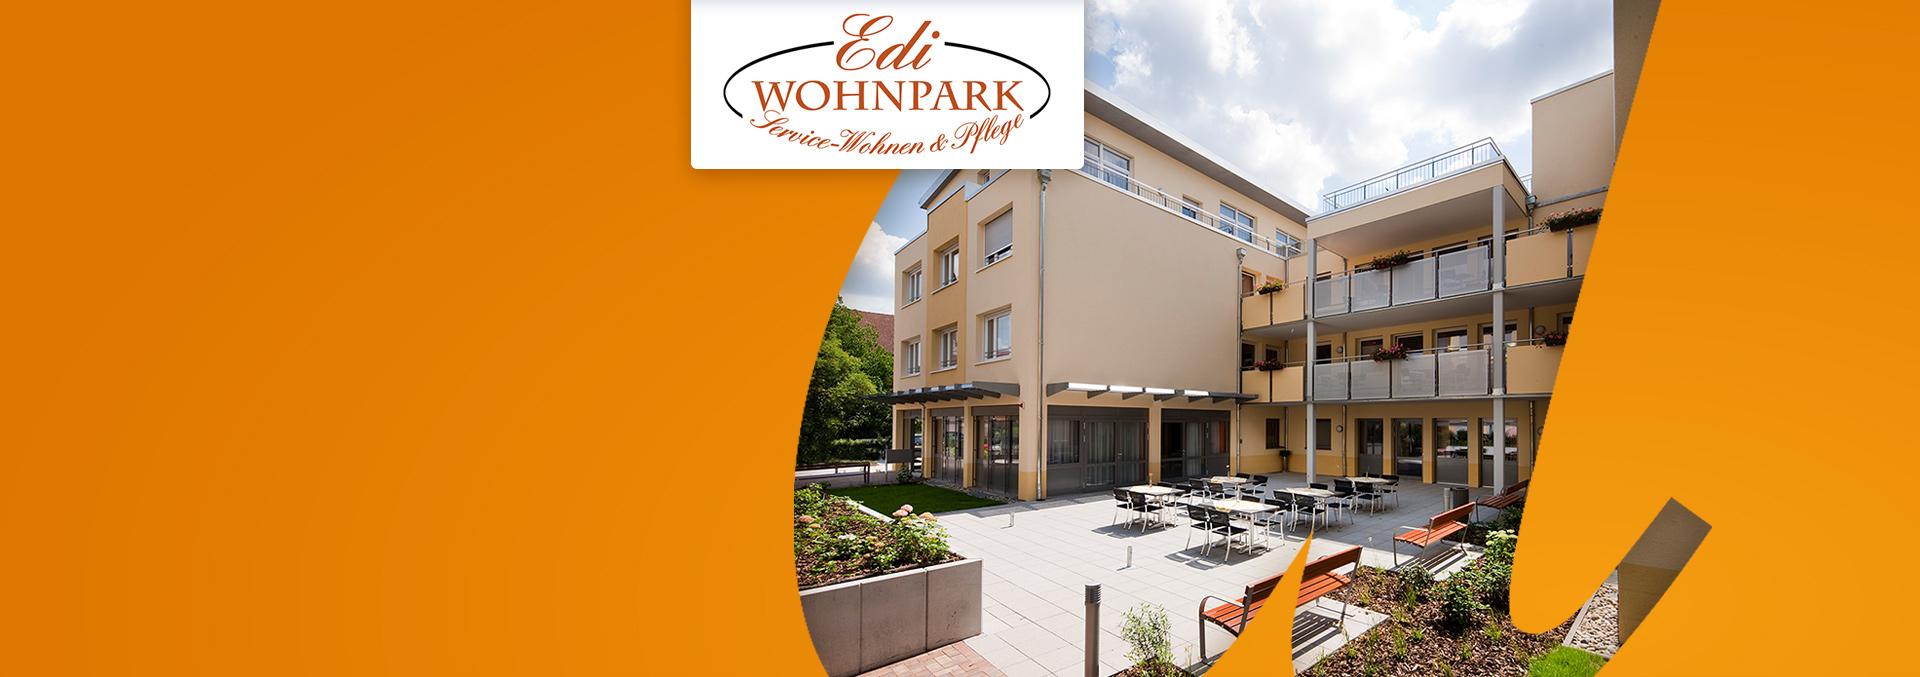 Service-Wohnen und Pflege Edi-Wohnpark: Terrasse mit weißen Tischen, schwarzen Stühlen, roten Bänken und Bepflanzung, die Sonne scheint.